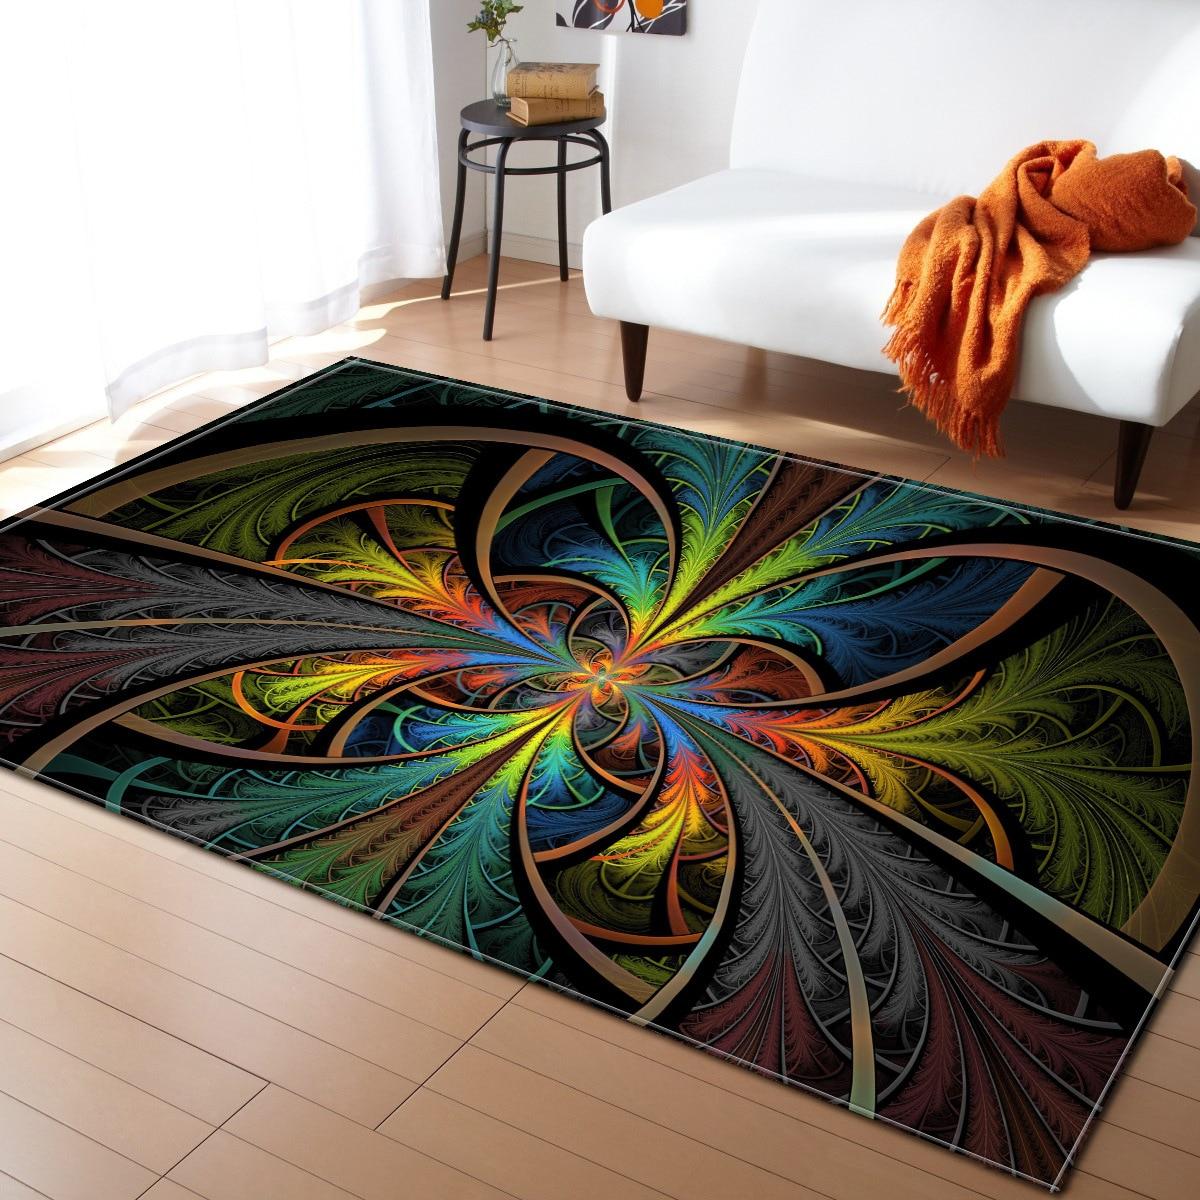 Table basse antidérapant tapis de sol Style nordique tapis pour salon maison tapis chambre moderne décorer tapis cuisine paillasson